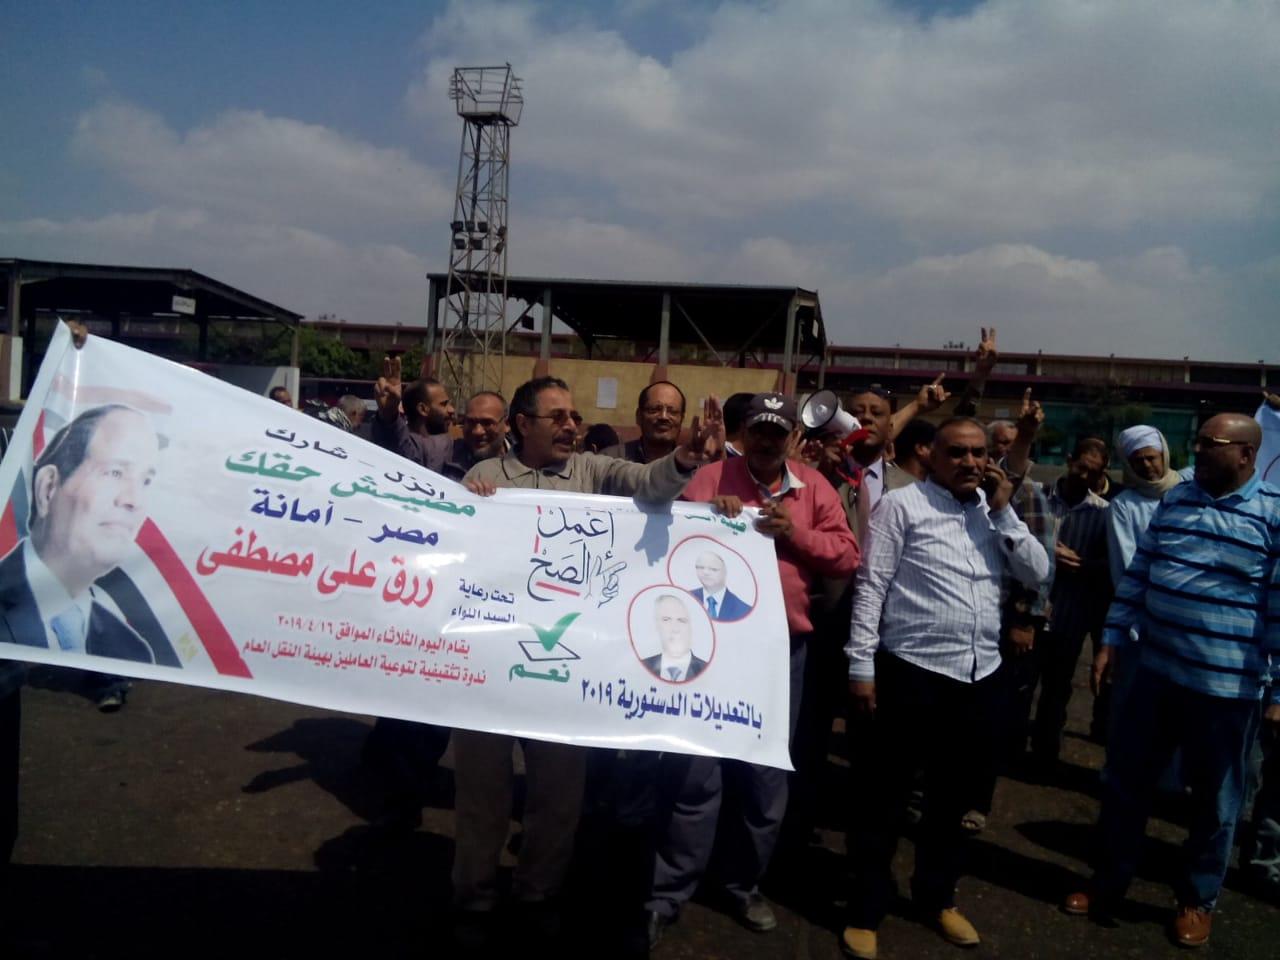 عمال هيئة النقل العام بالقاهرة يشاركون فى استفتاء الدستور (3)